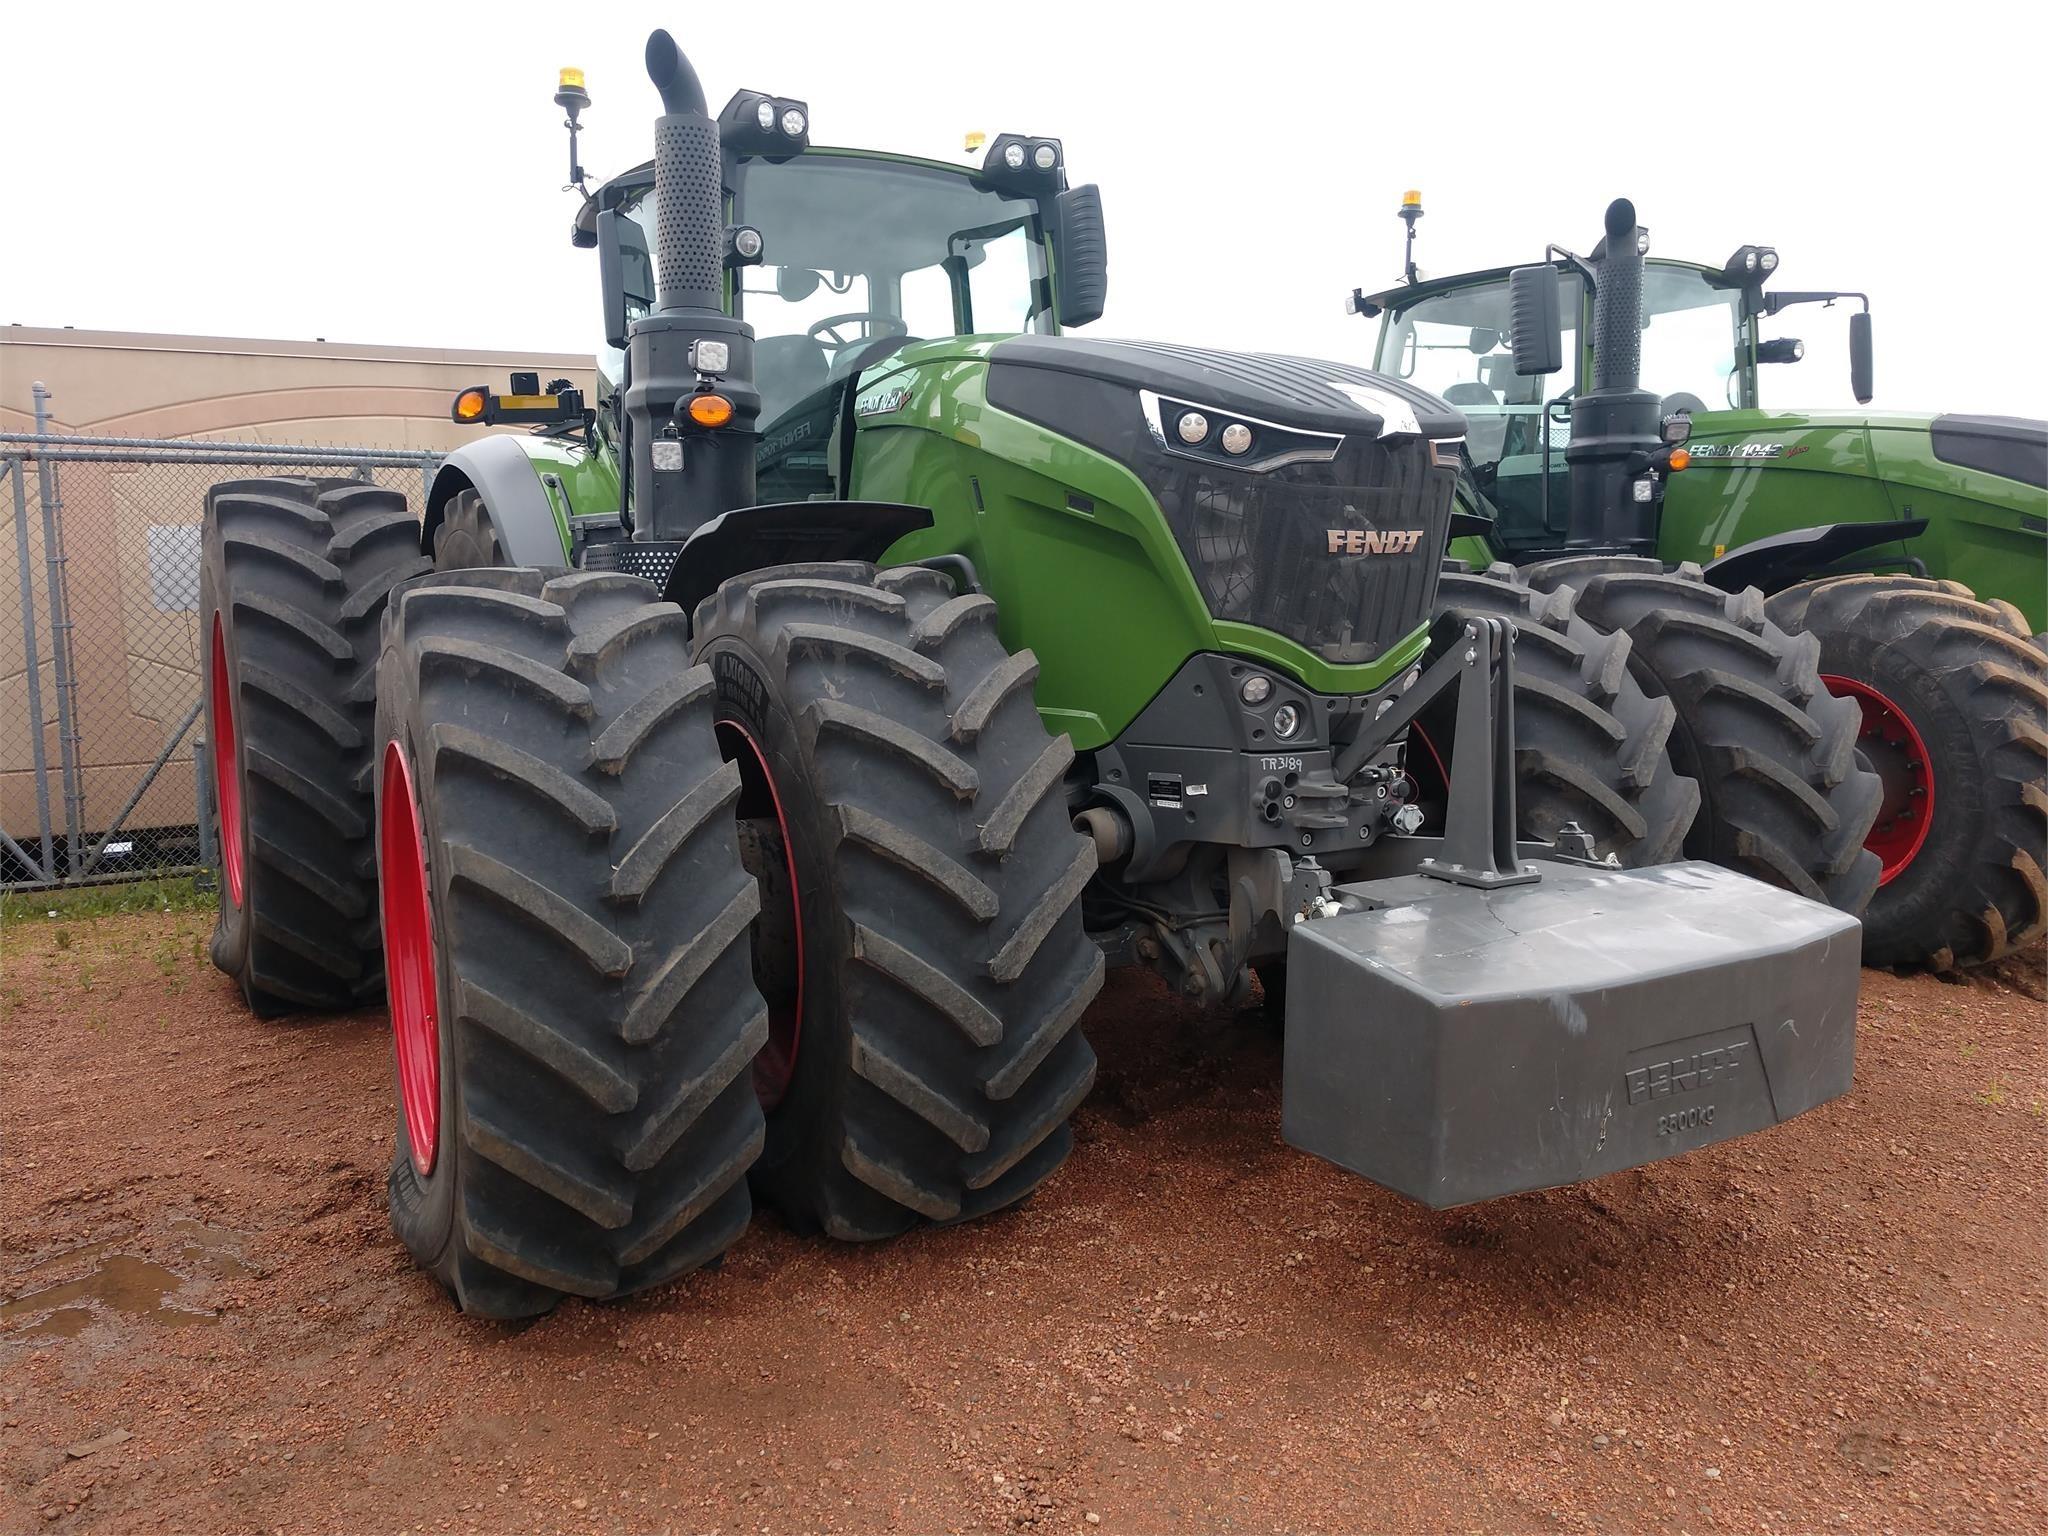 2018 fendt 1050 vario tractor  mondovi wisconsin  call